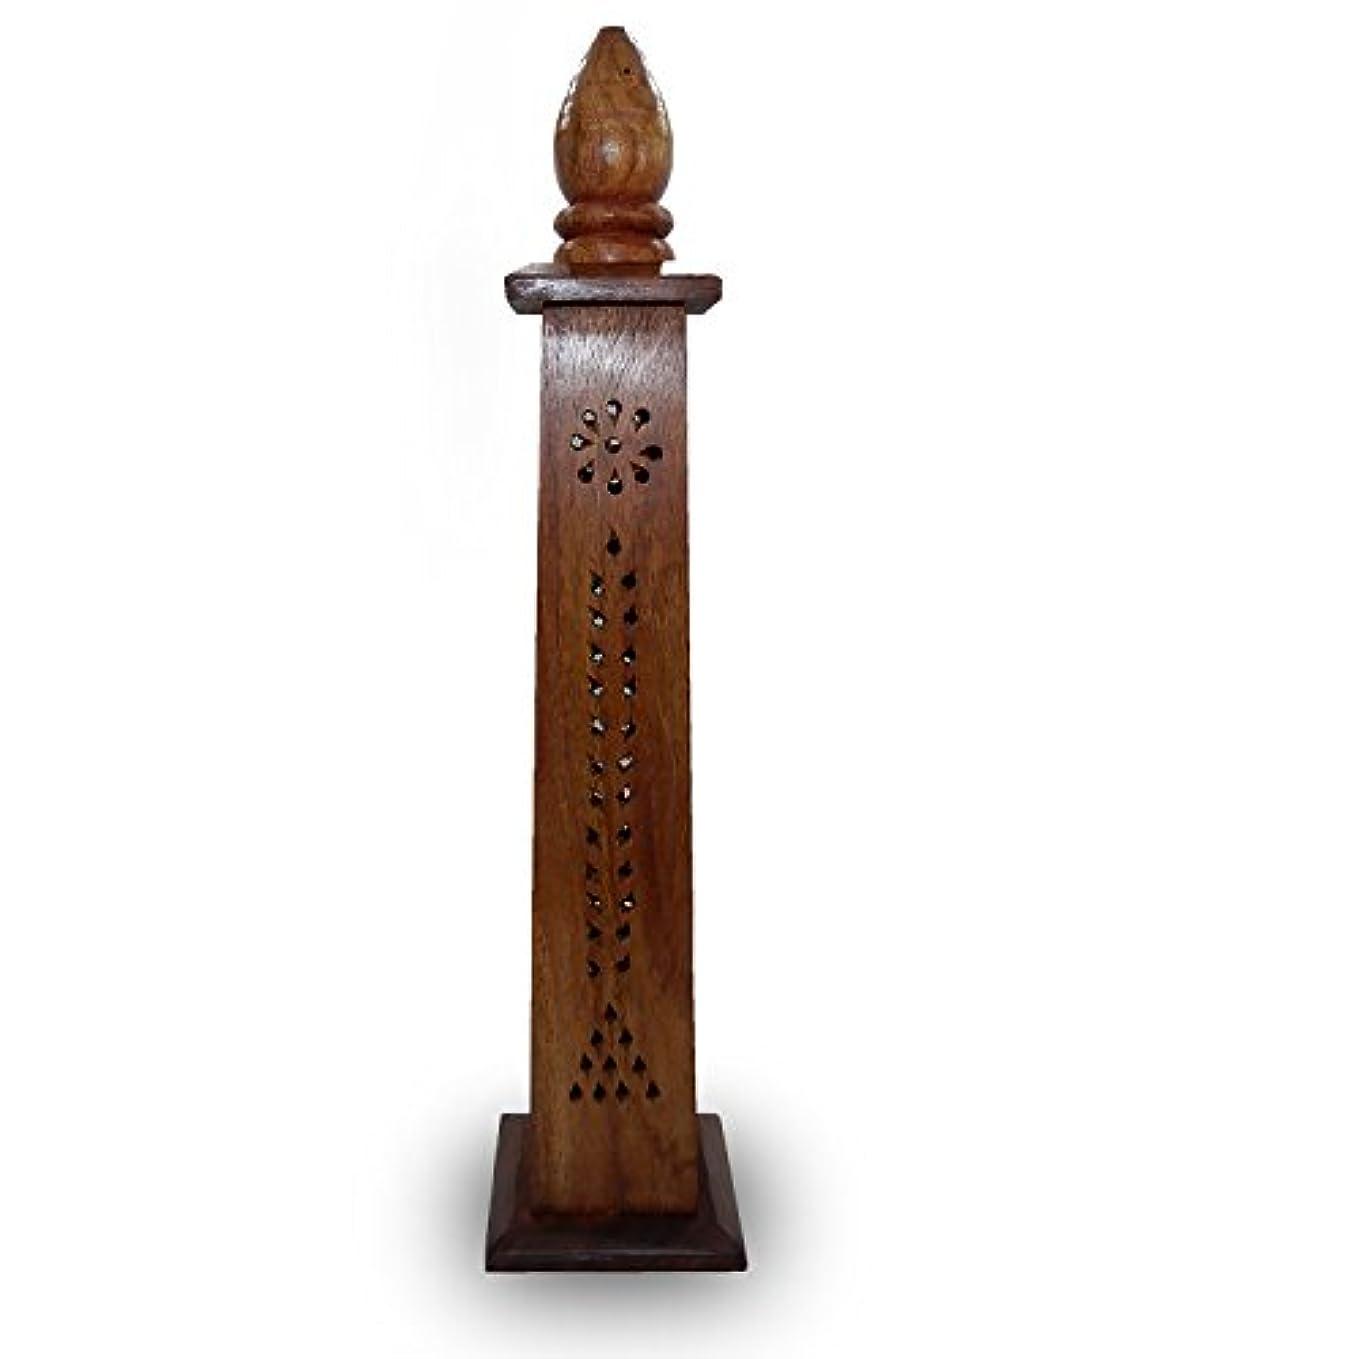 喉が渇いたチロ小説Thanks Givingプレゼントに愛する人、木製香炉タワーSticks円錐ホルダースタンドAshキャッチャーwith Hand Carvings Home Fragranceアクセサリー